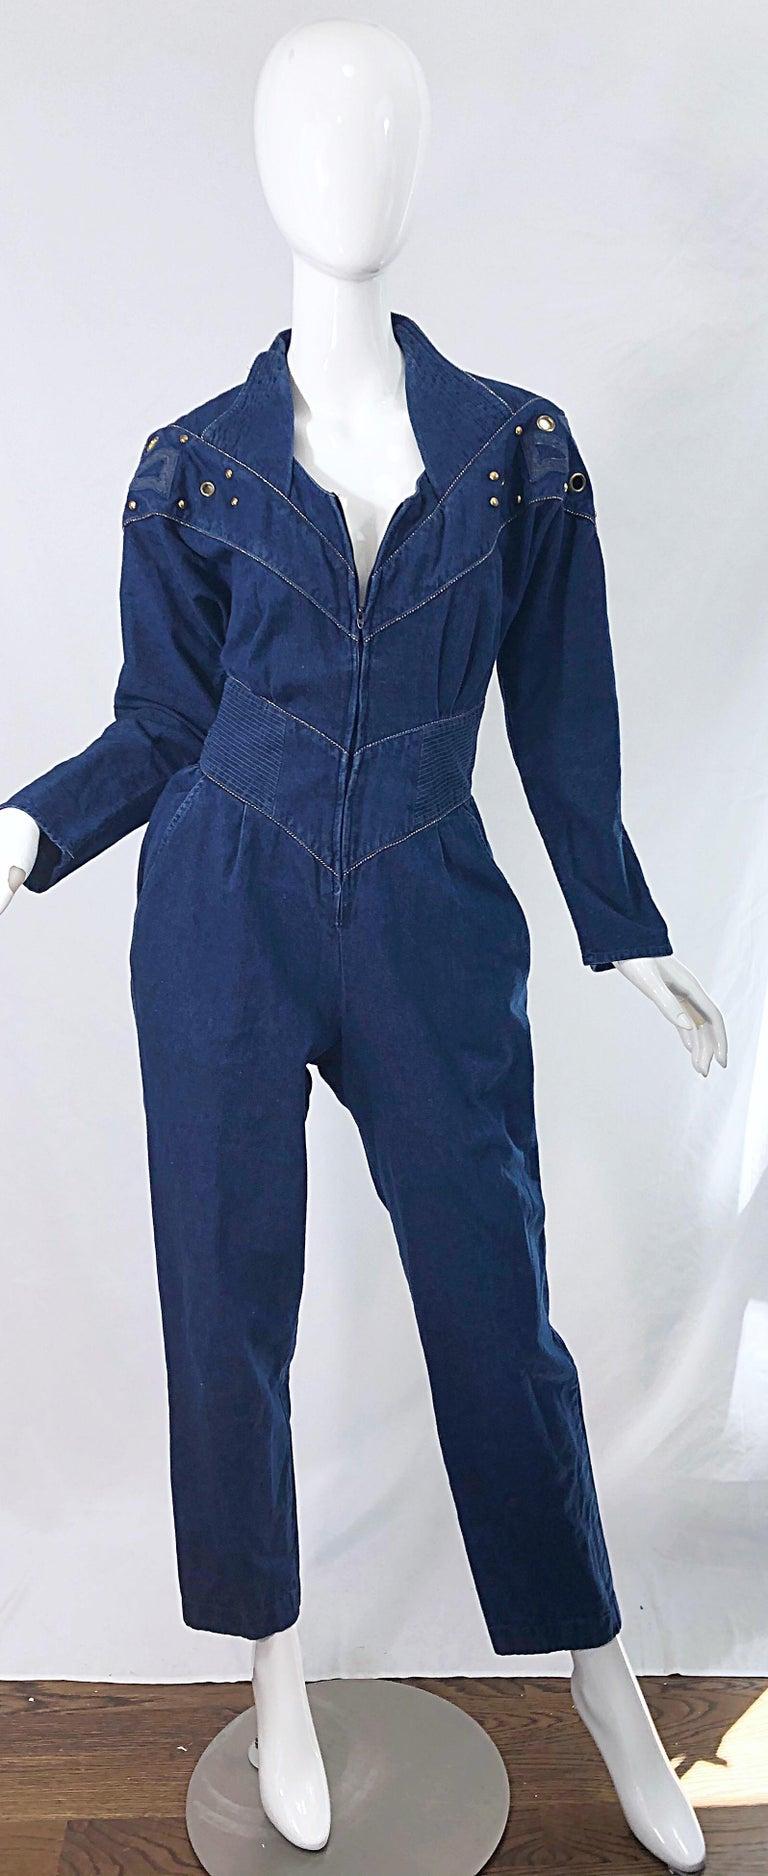 1980s Jillian Arthur Blue Jean Avant Garde Grommett Beaded Vintage 80s Jumpsuit For Sale 5